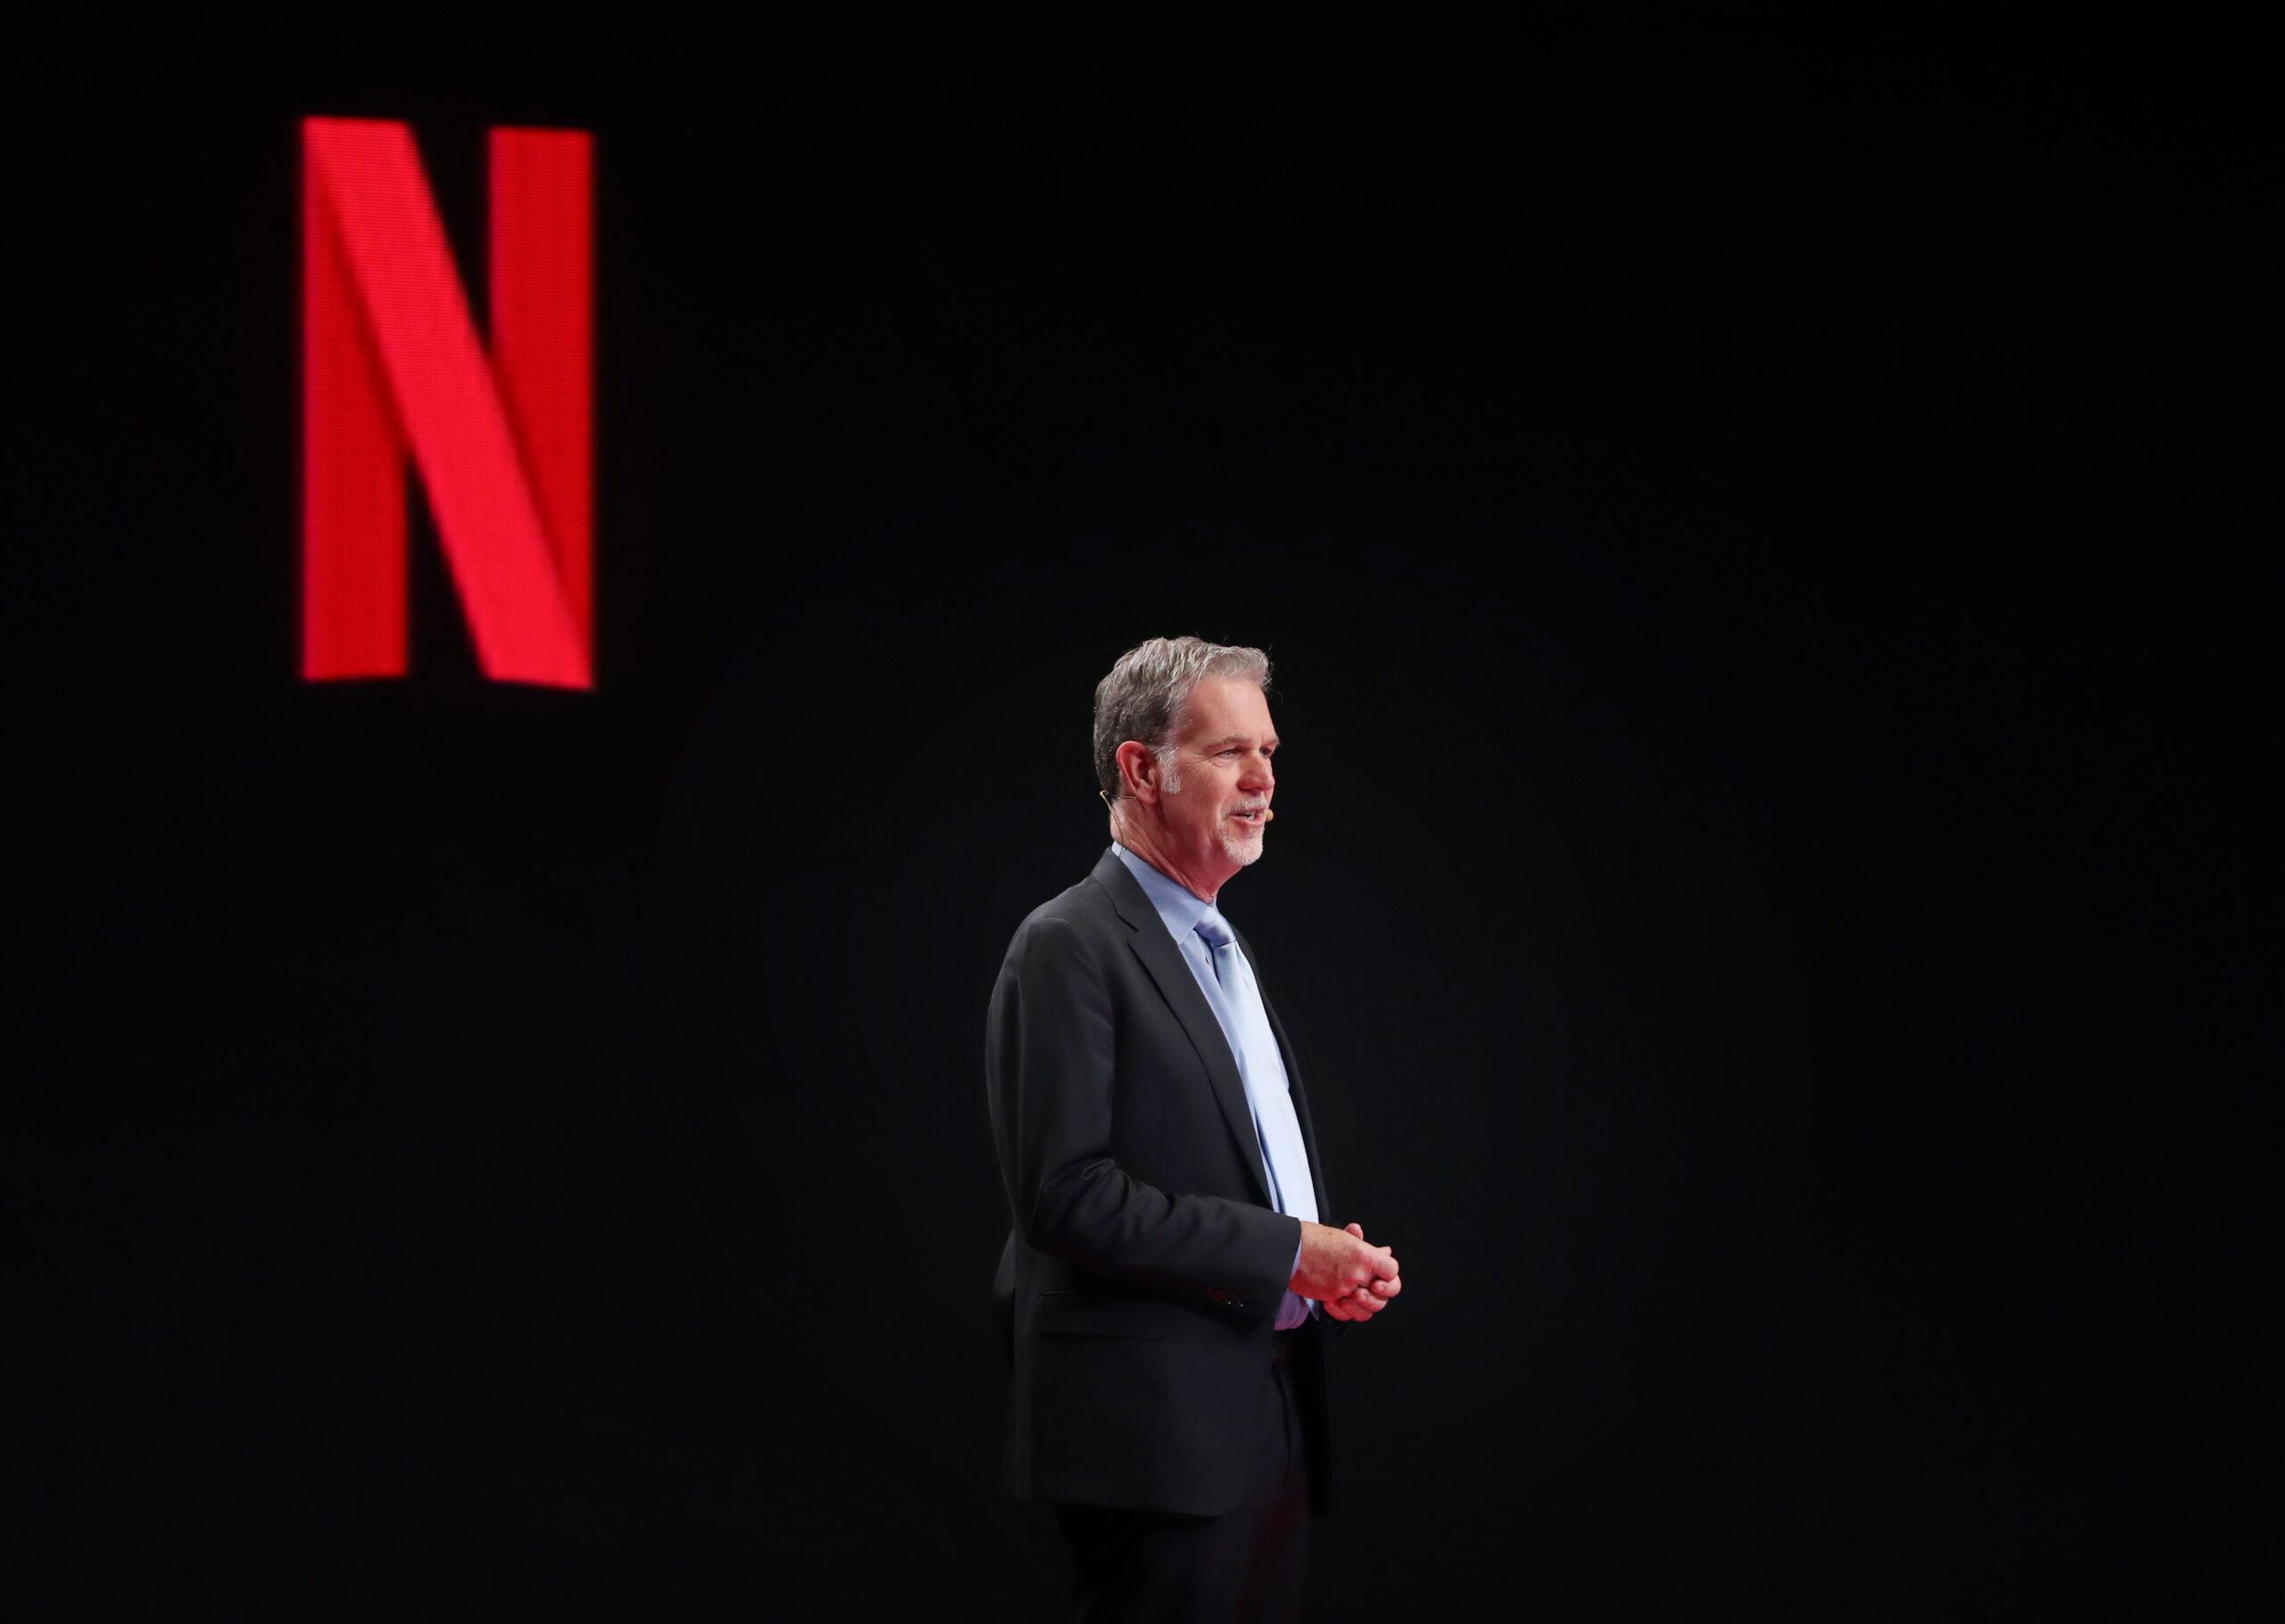 Секрет Netflix: як управління контекстом перетворило стартап з розсилання DVD в компанію вартістю $220 млрд - news, story, business